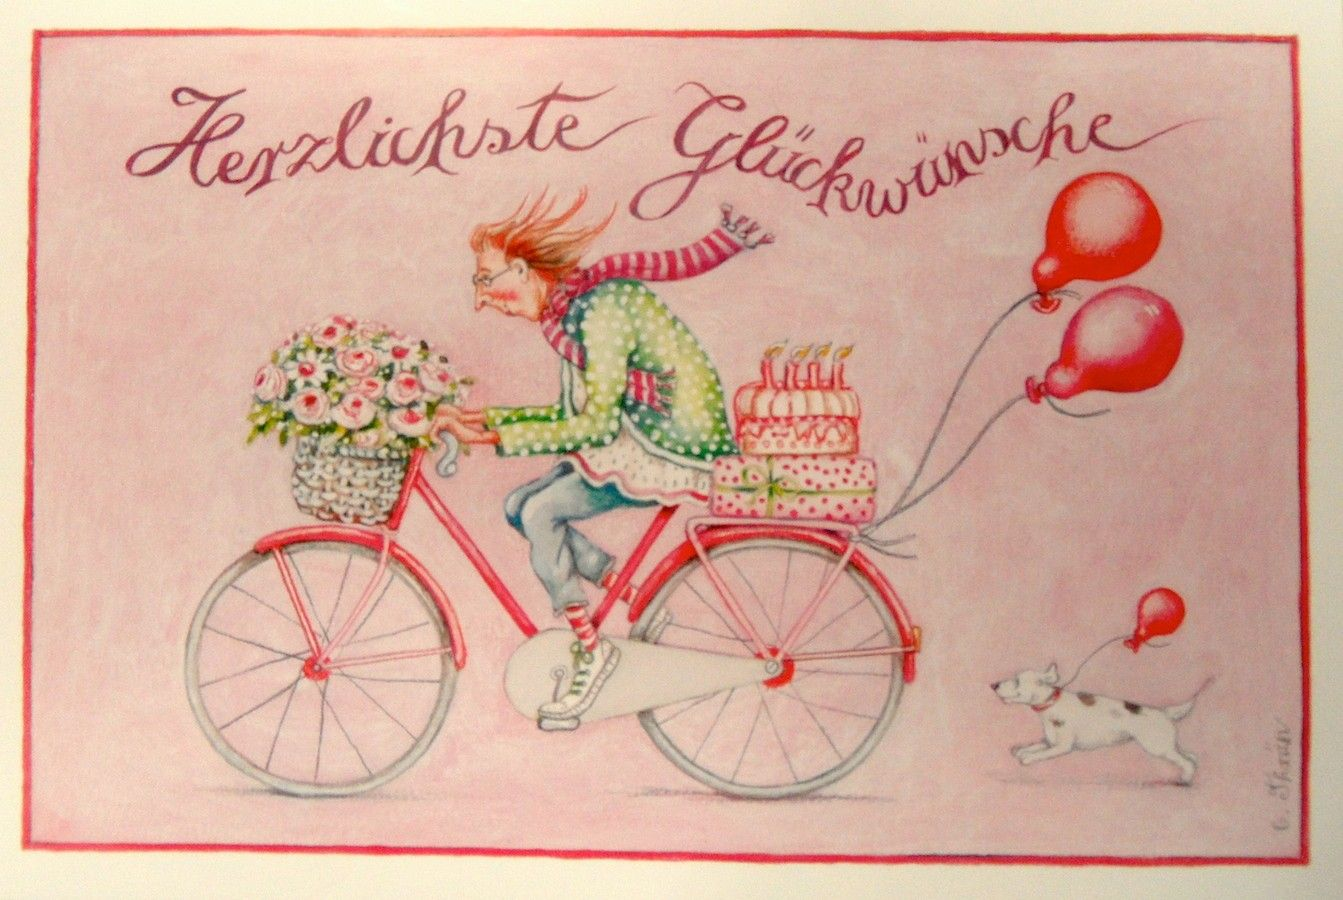 Christina Thran Briefkarte Herzlichste Gluckwunsche